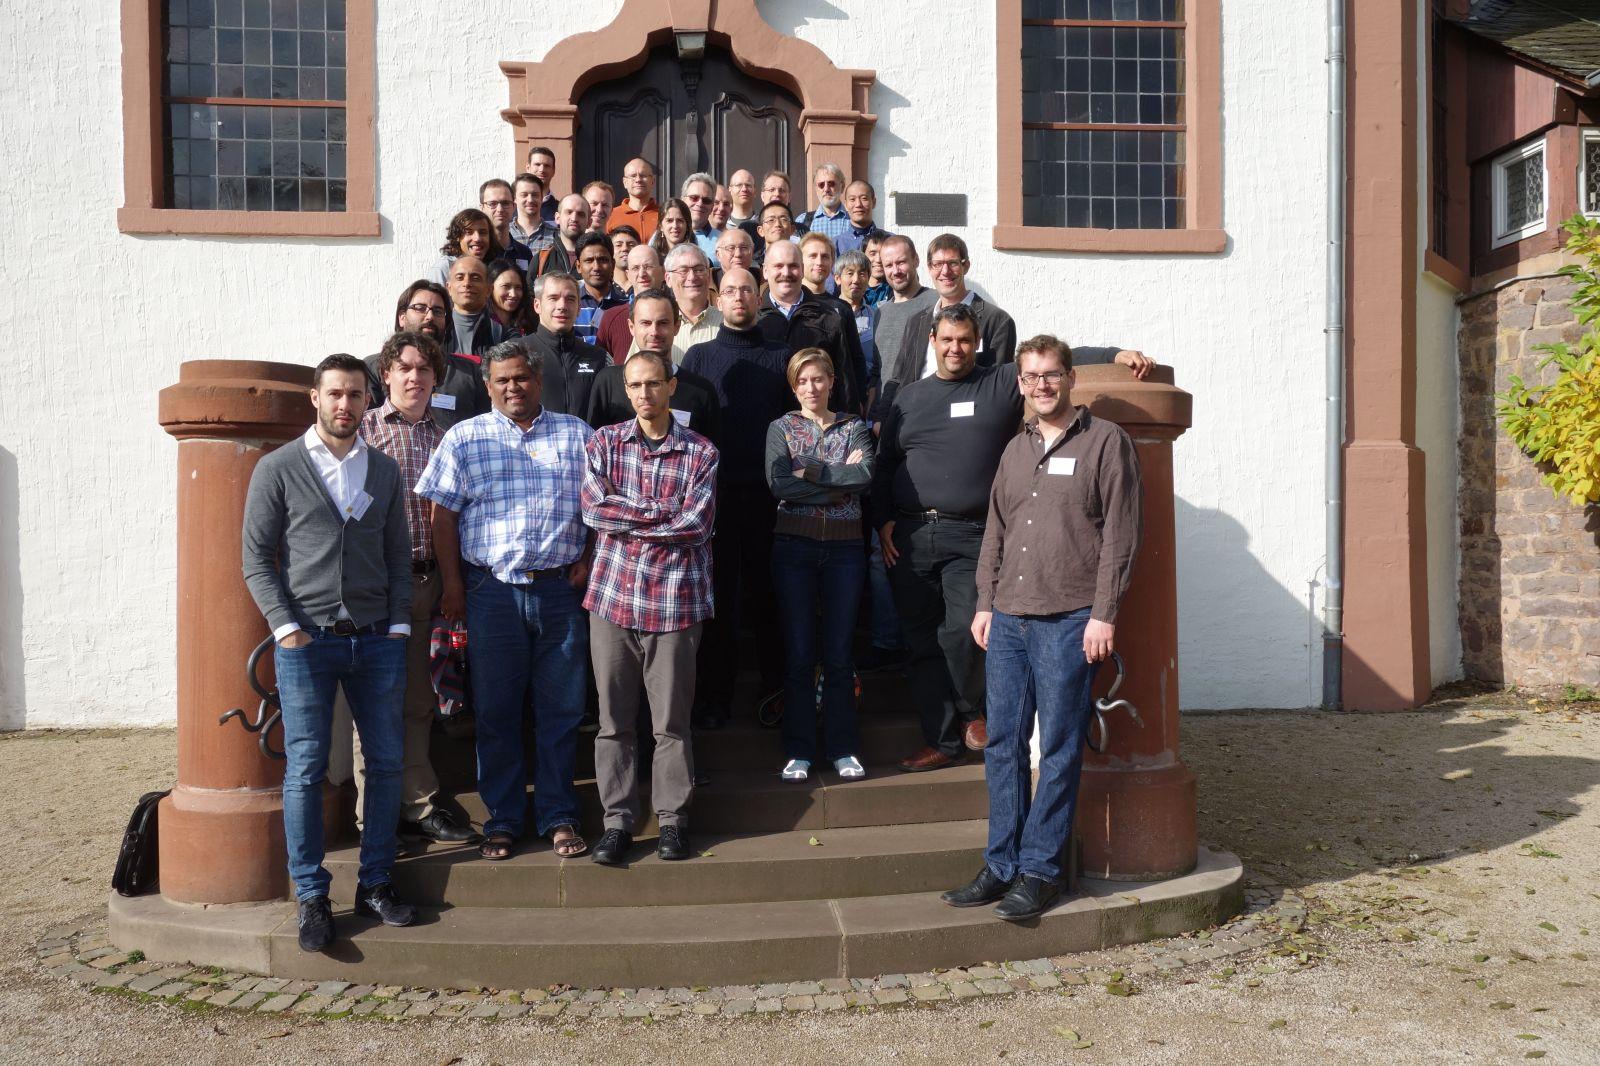 Dagstuhl Seminar Participats